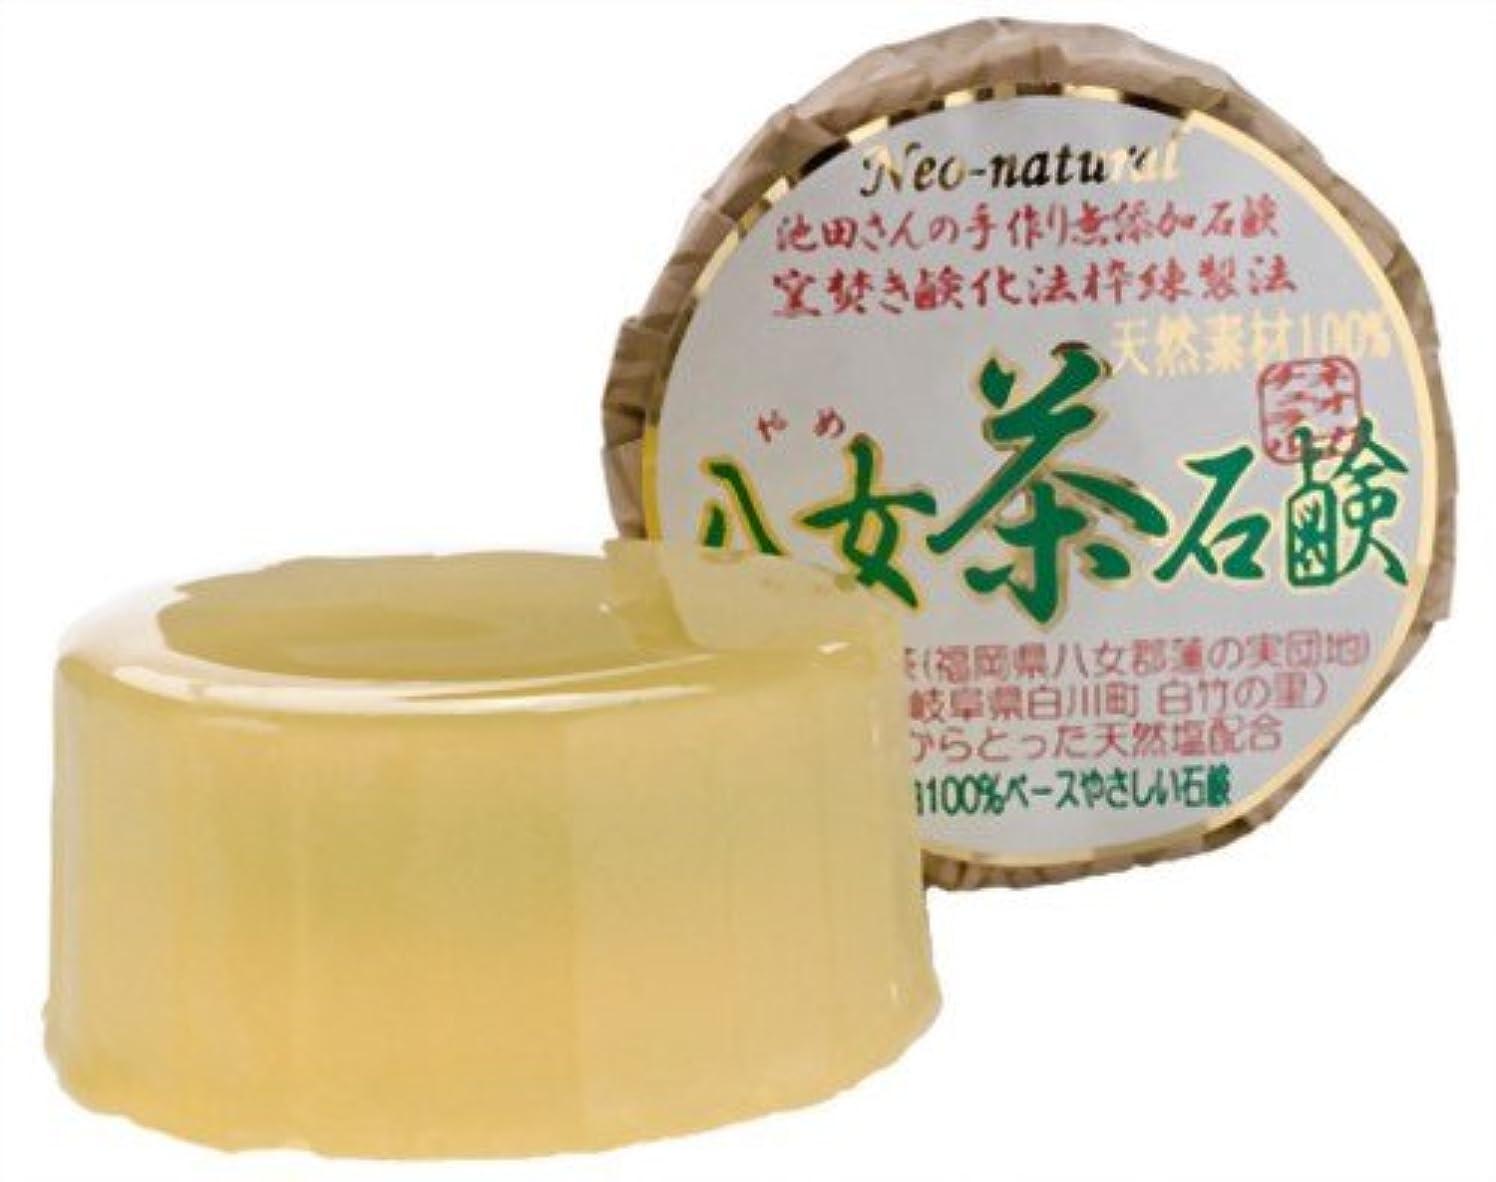 見通しフルーツ野菜間に合わせネオナチュラル 池田さんの八女茶石鹸 80g